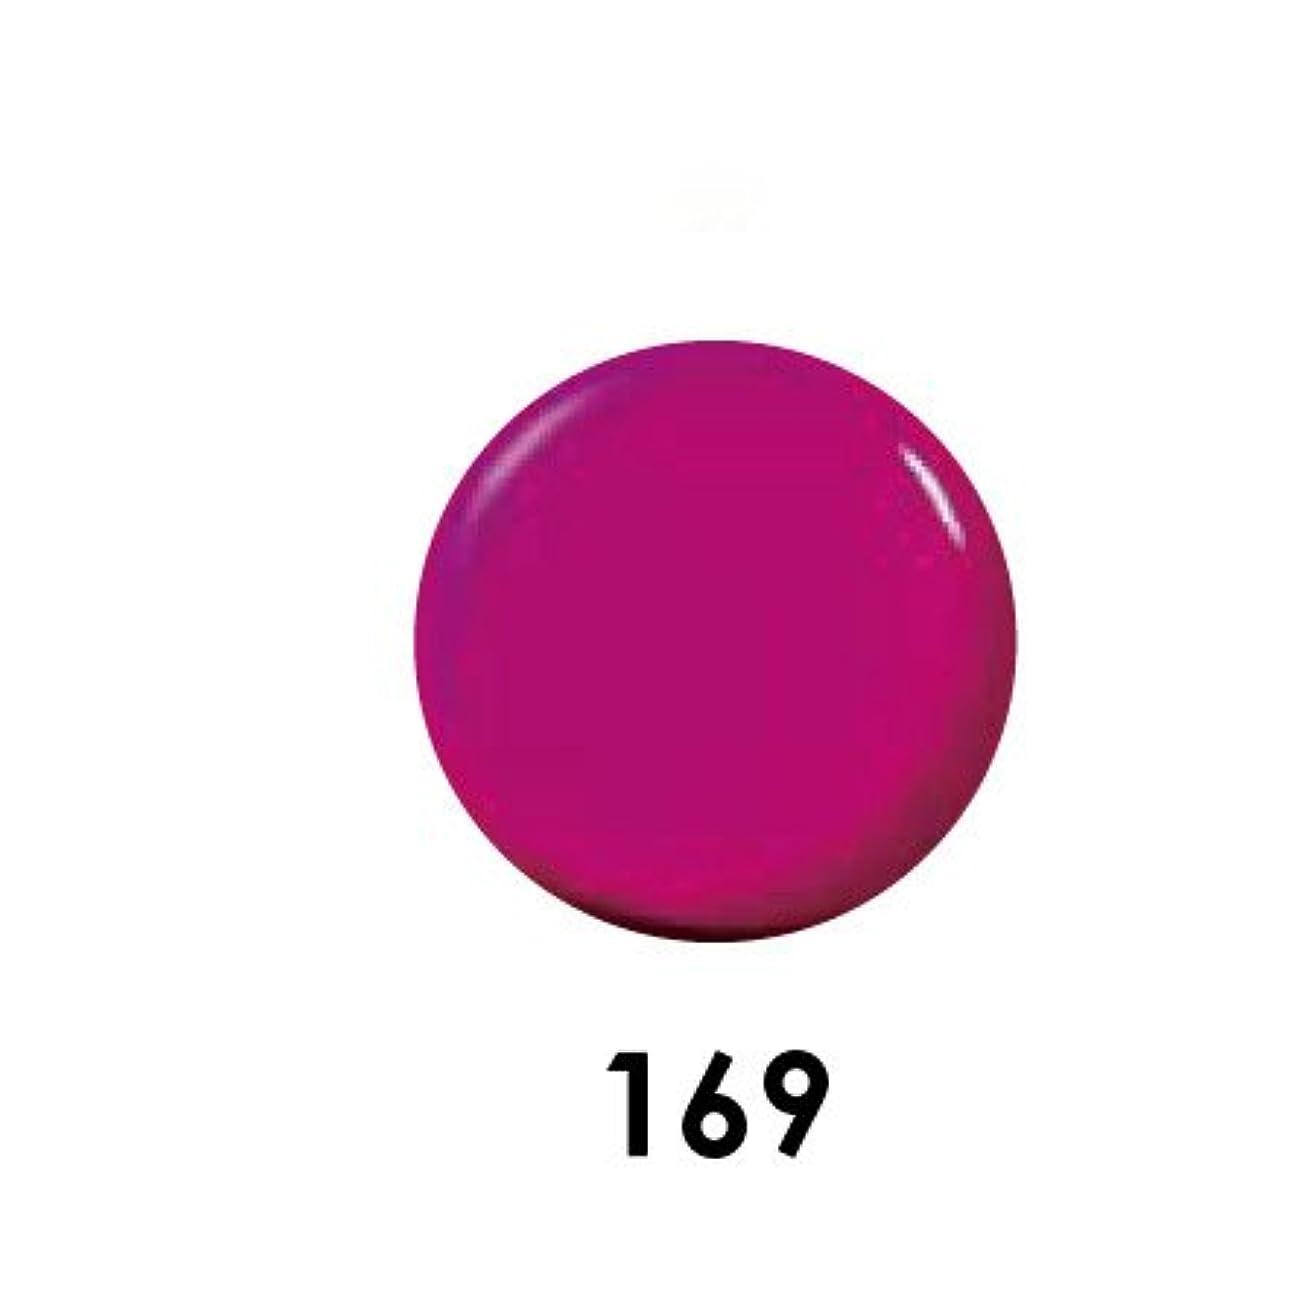 エンジニアリング予測する職業Putiel プティール カラージェル 169 ラテンピンク 2g (MARIEプロデュース)